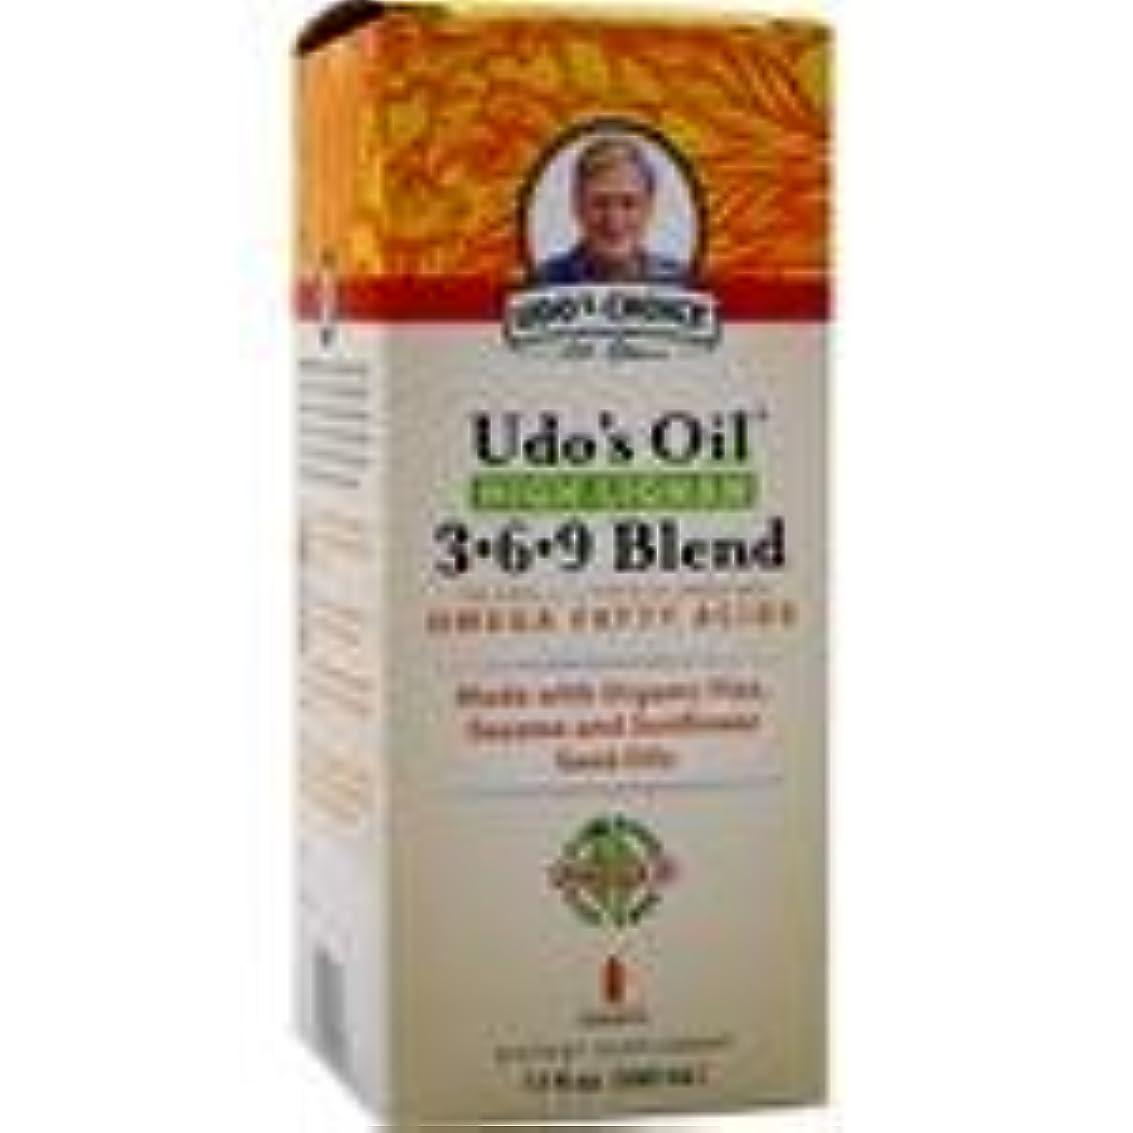 蛾条約うまUdo's Oil High Lignan 3-6-9 Blend 17 fl.oz 4個パック